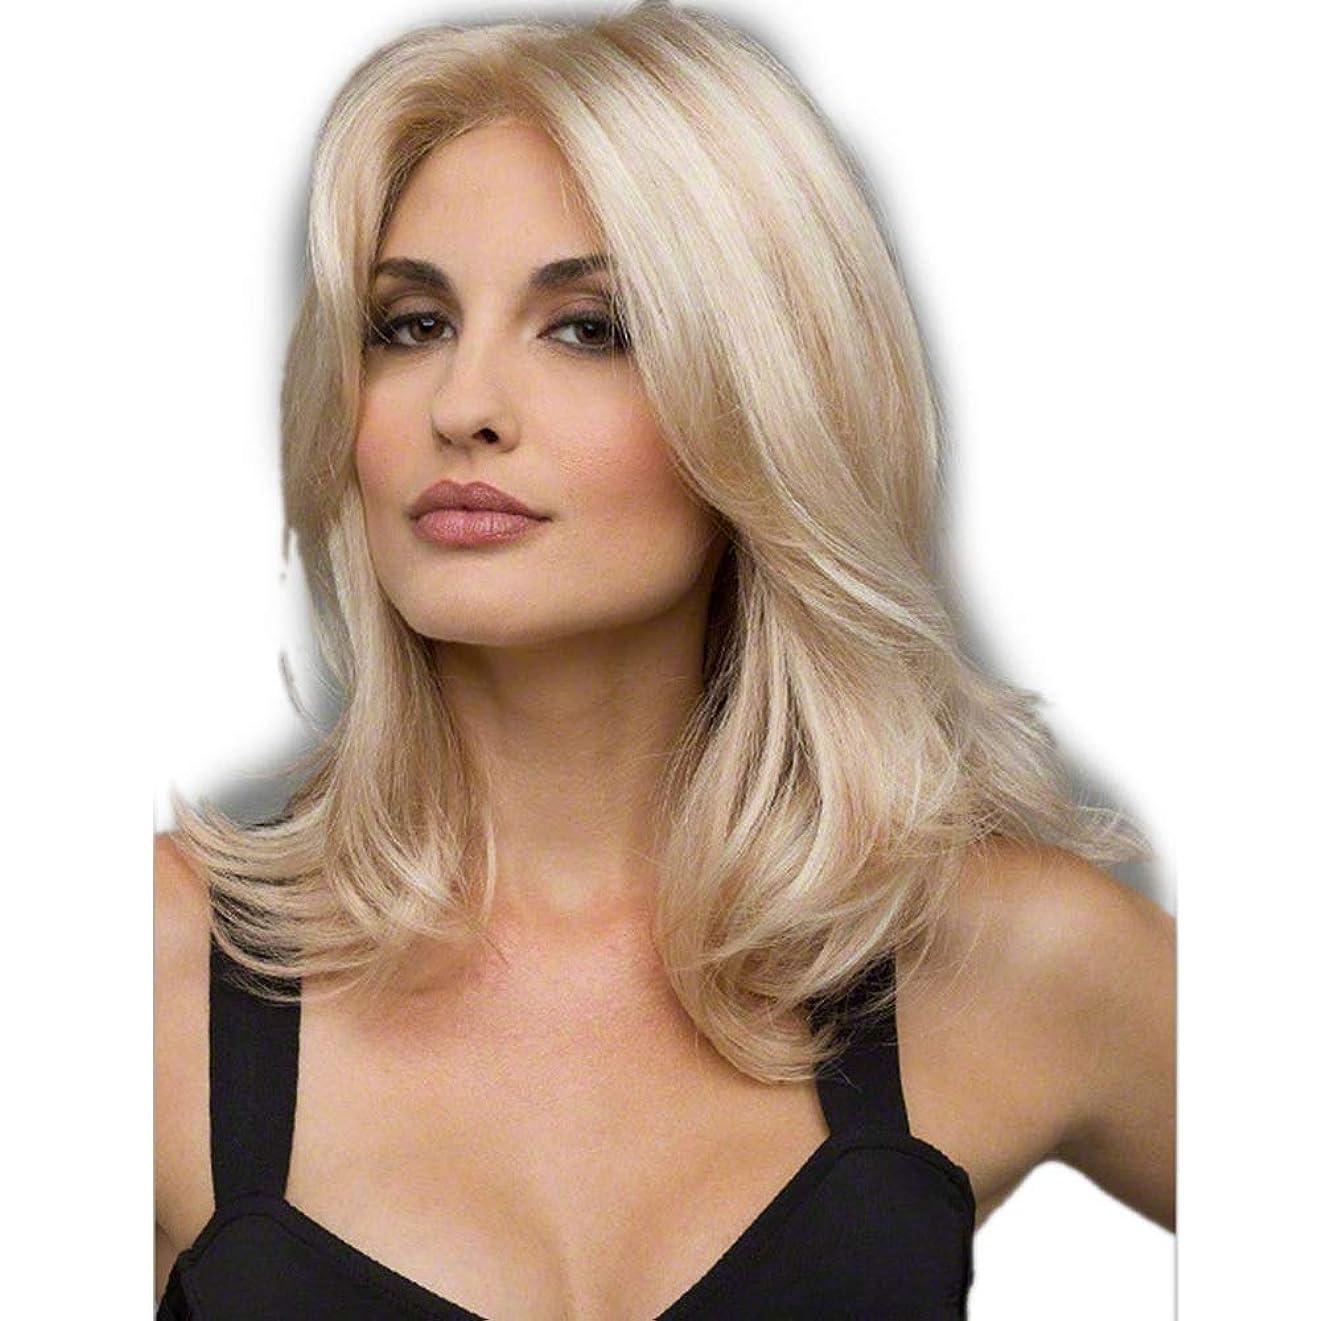 肘渇き発生器WASAIO ファッションオンブルブロンドかつら合成ロングストレートヘア (色 : Blonde)